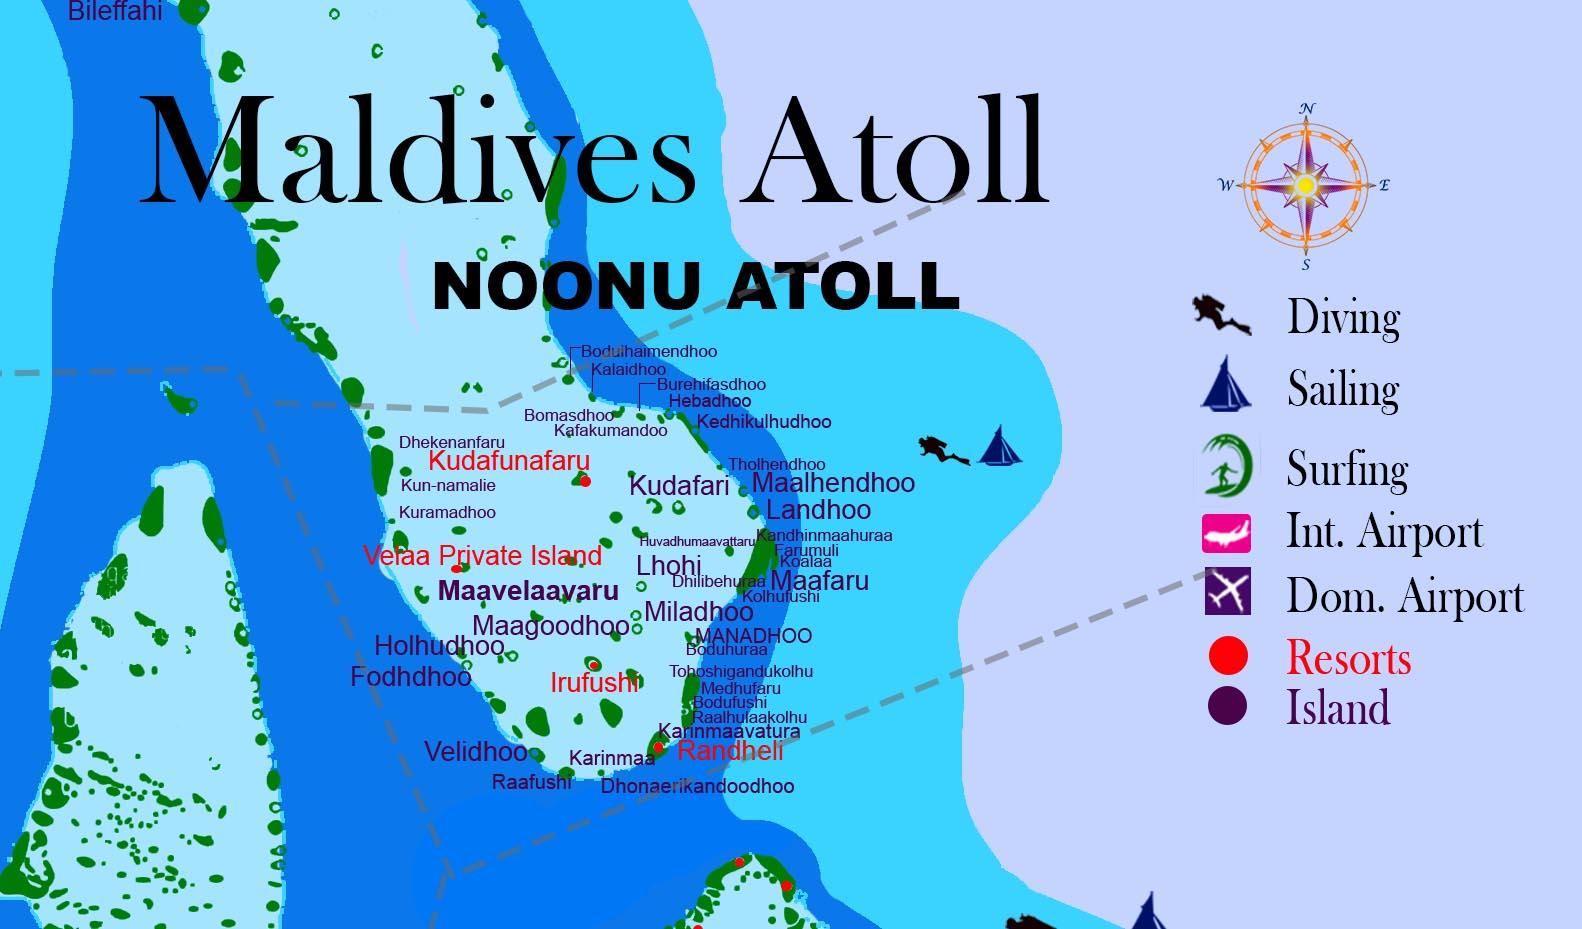 Maldives Atoll Noonu Atoll Island Name Resorts And Hotel